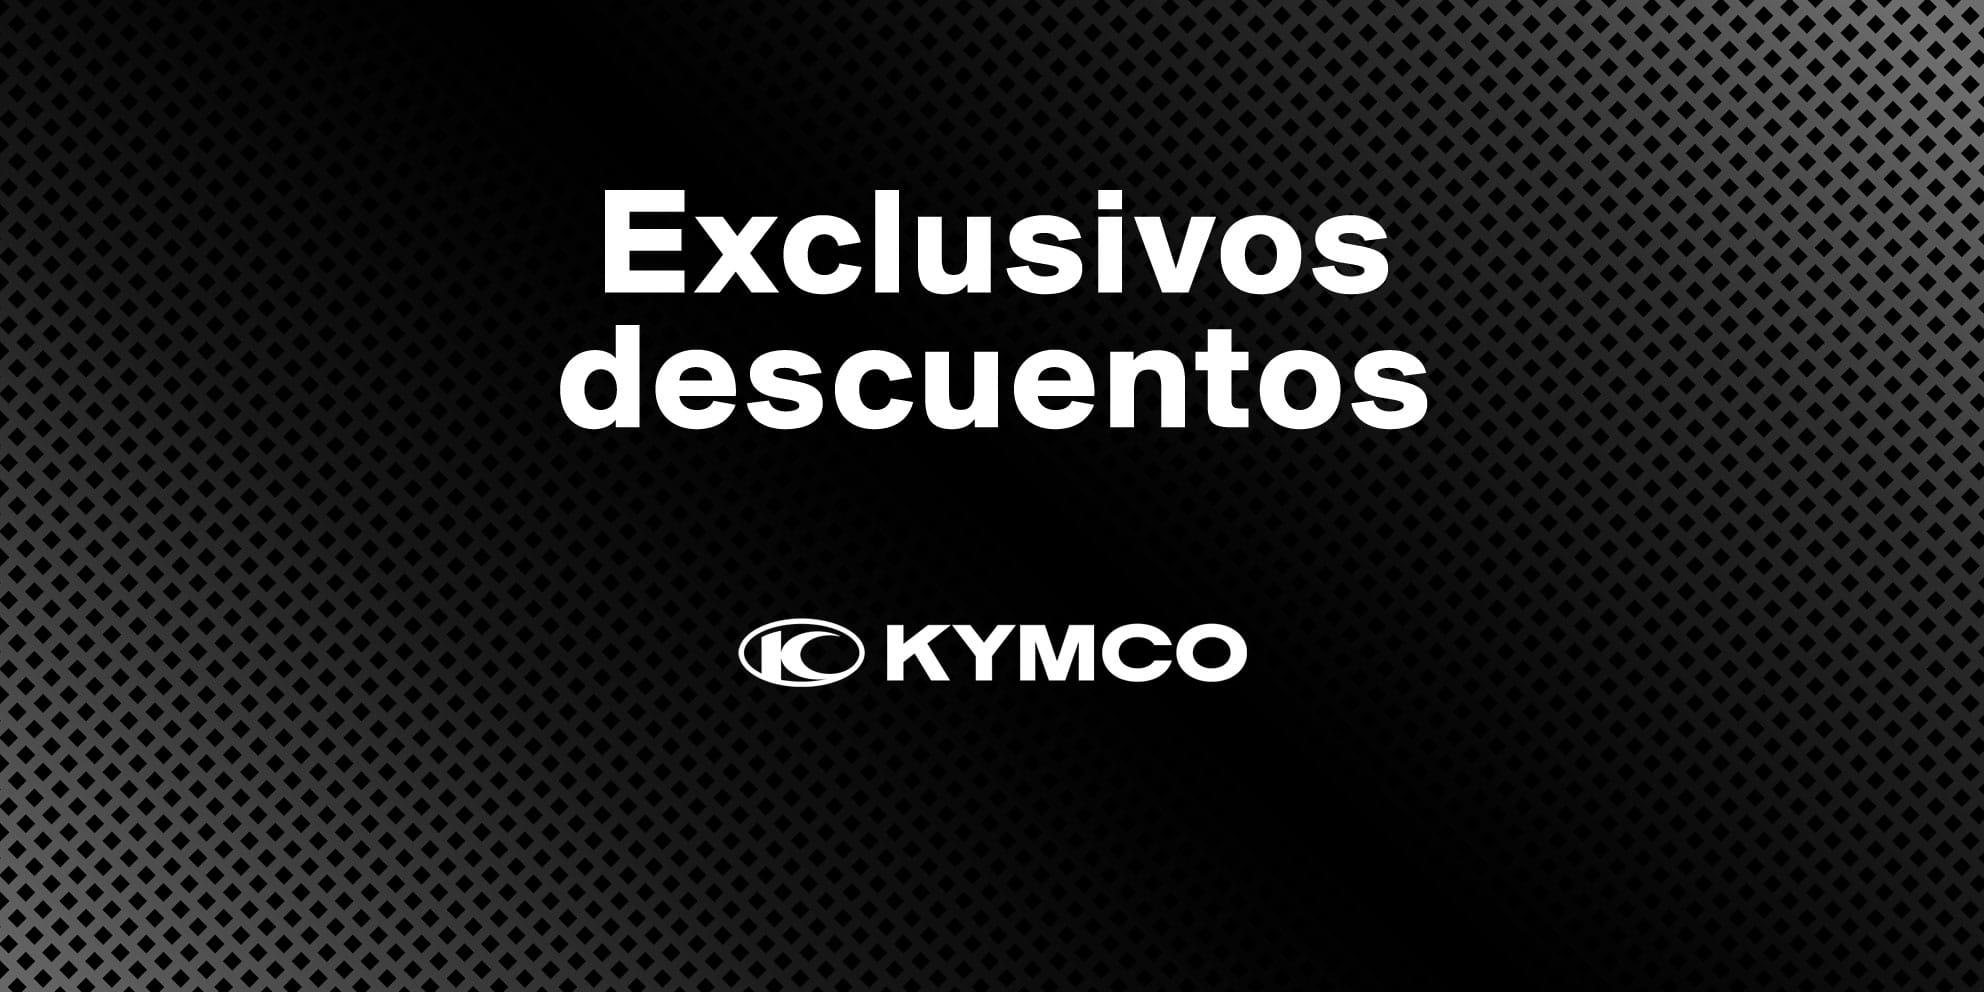 KYMCO Promociones